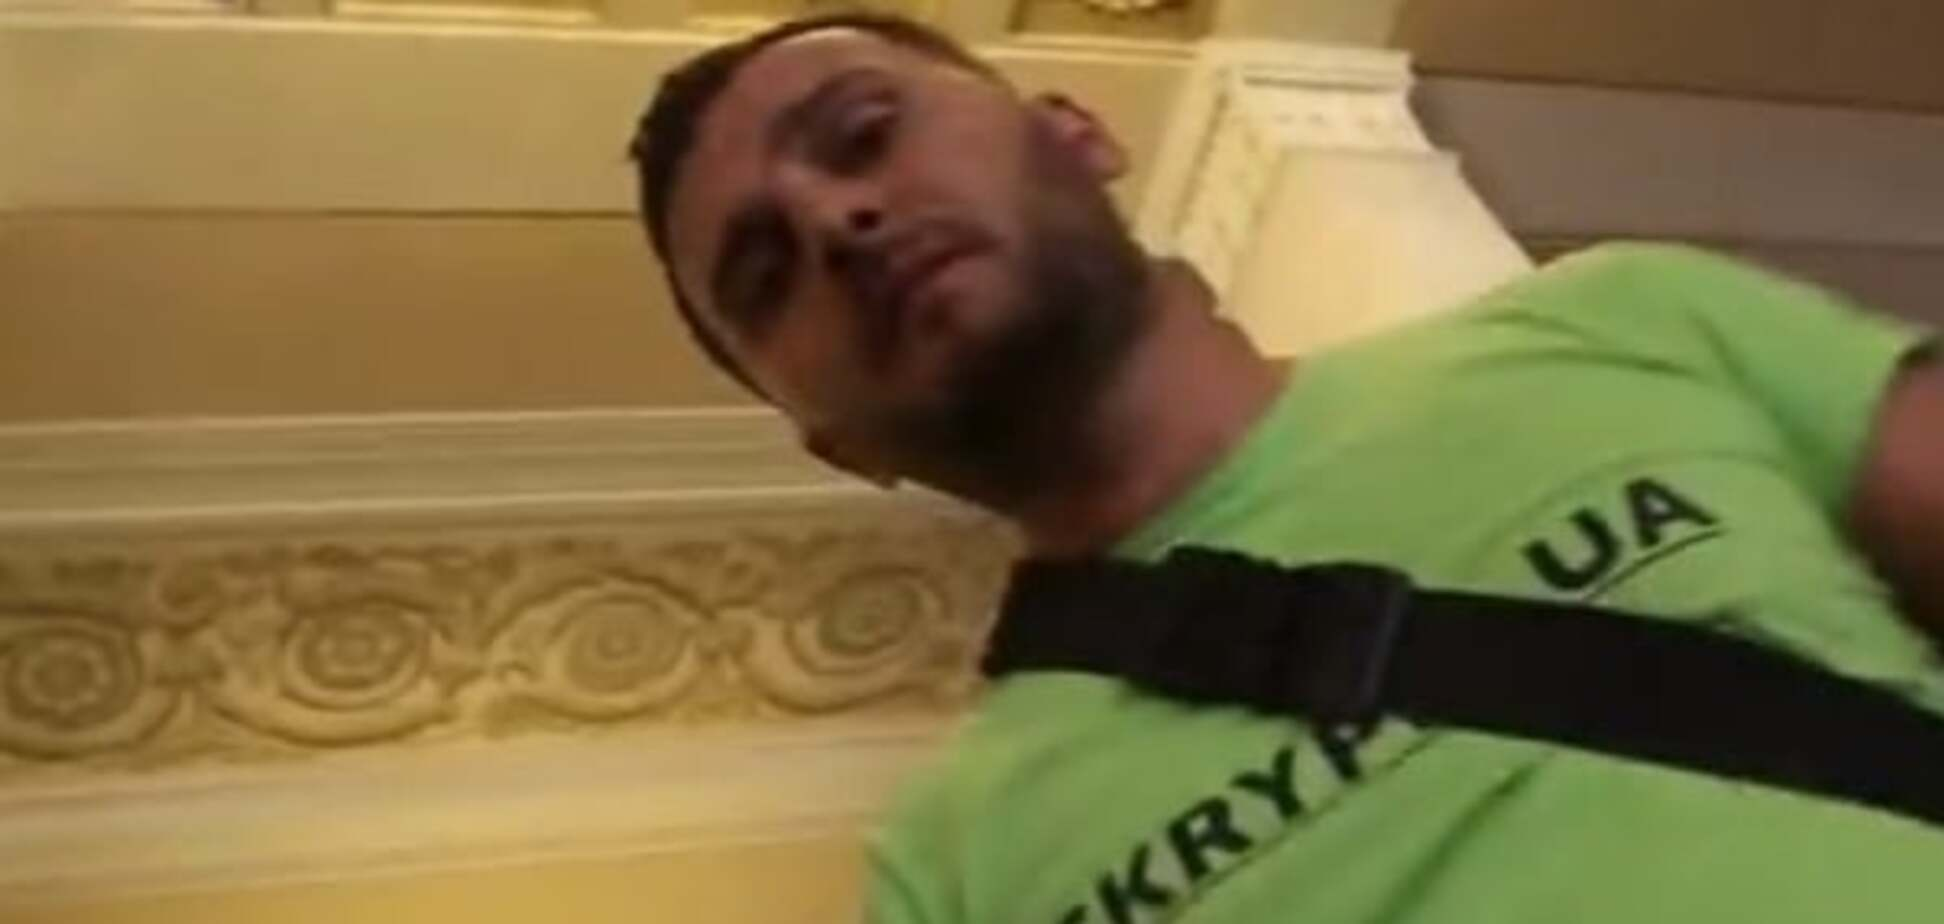 'Допи**елся баянист': в Раде произошла потасовка между журналистами. Опубликовано видео